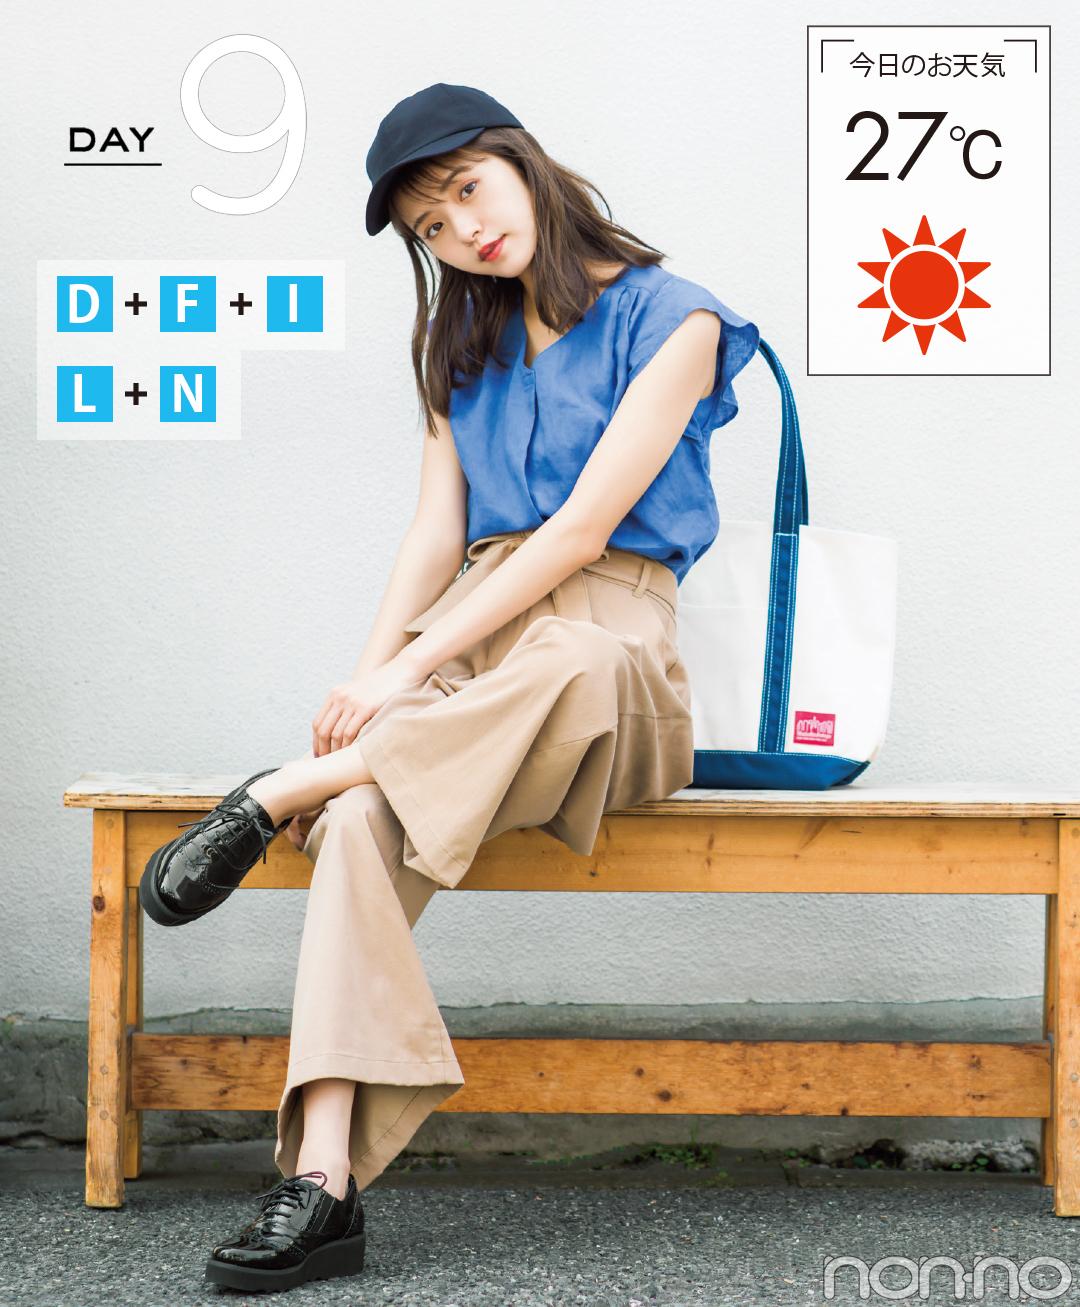 気温差あっても梅雨でもおしゃれ! 6月のお天気対応☆快適着回し10days【後半】_1_4-3